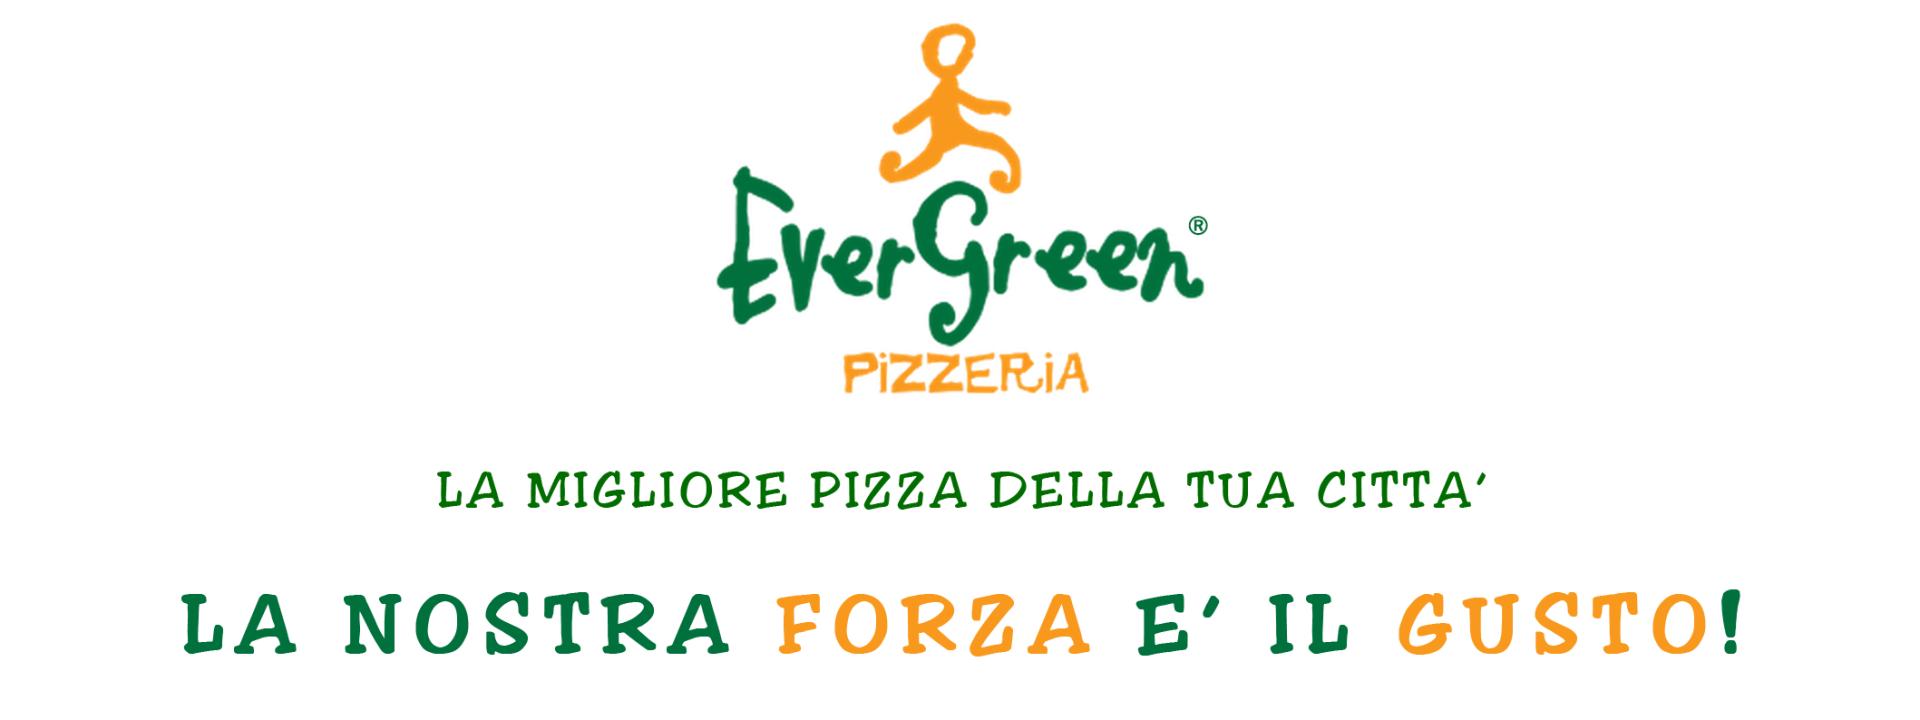 Logo e Slogan